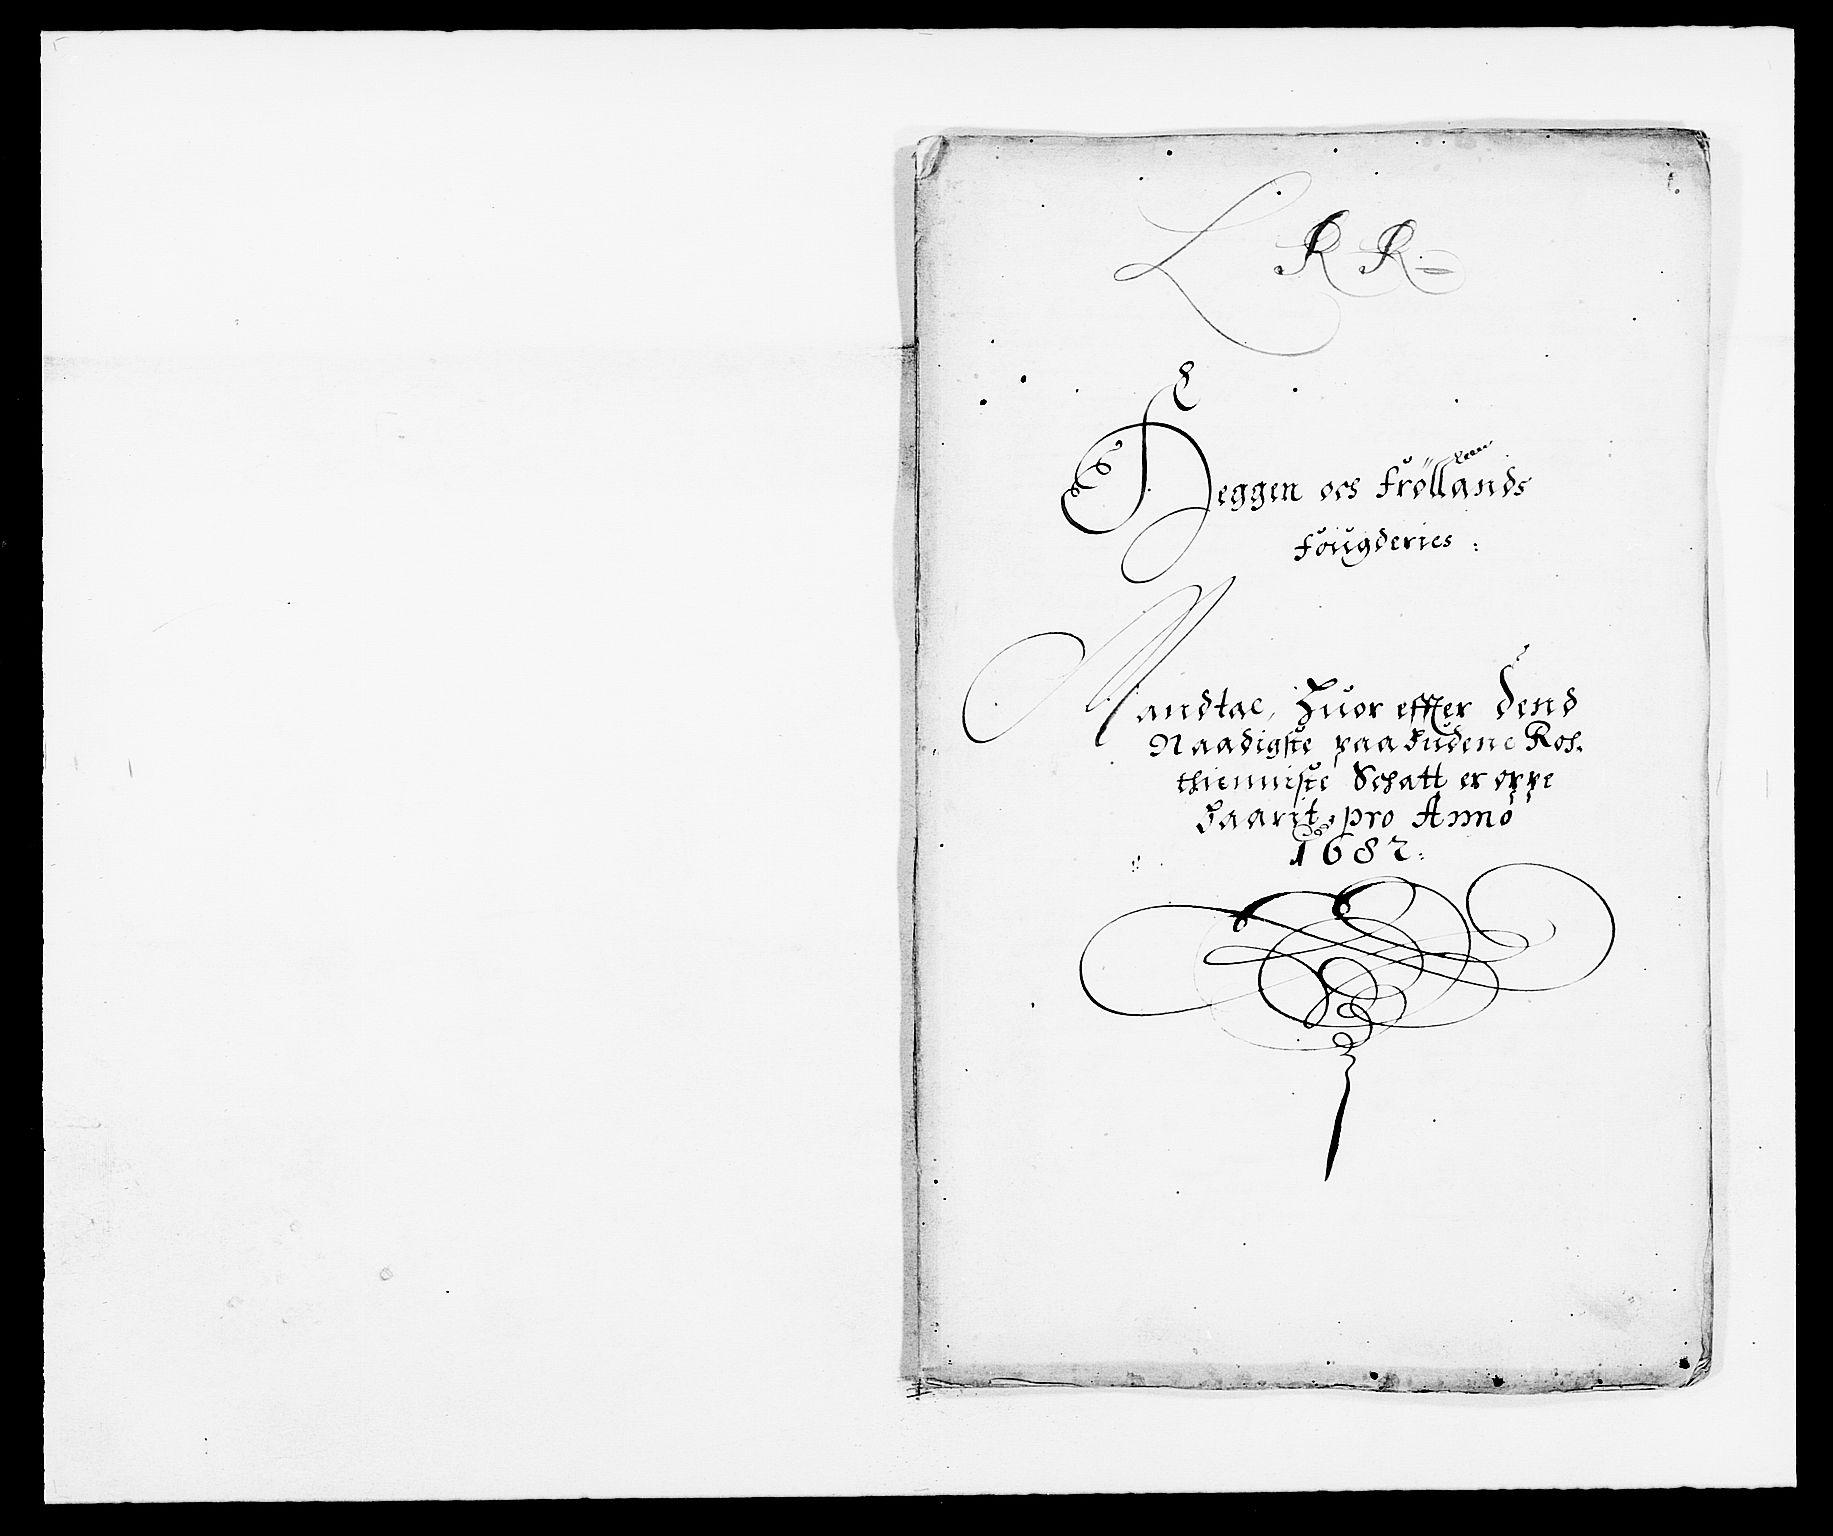 RA, Rentekammeret inntil 1814, Reviderte regnskaper, Fogderegnskap, R06/L0280: Fogderegnskap Heggen og Frøland, 1681-1684, s. 338